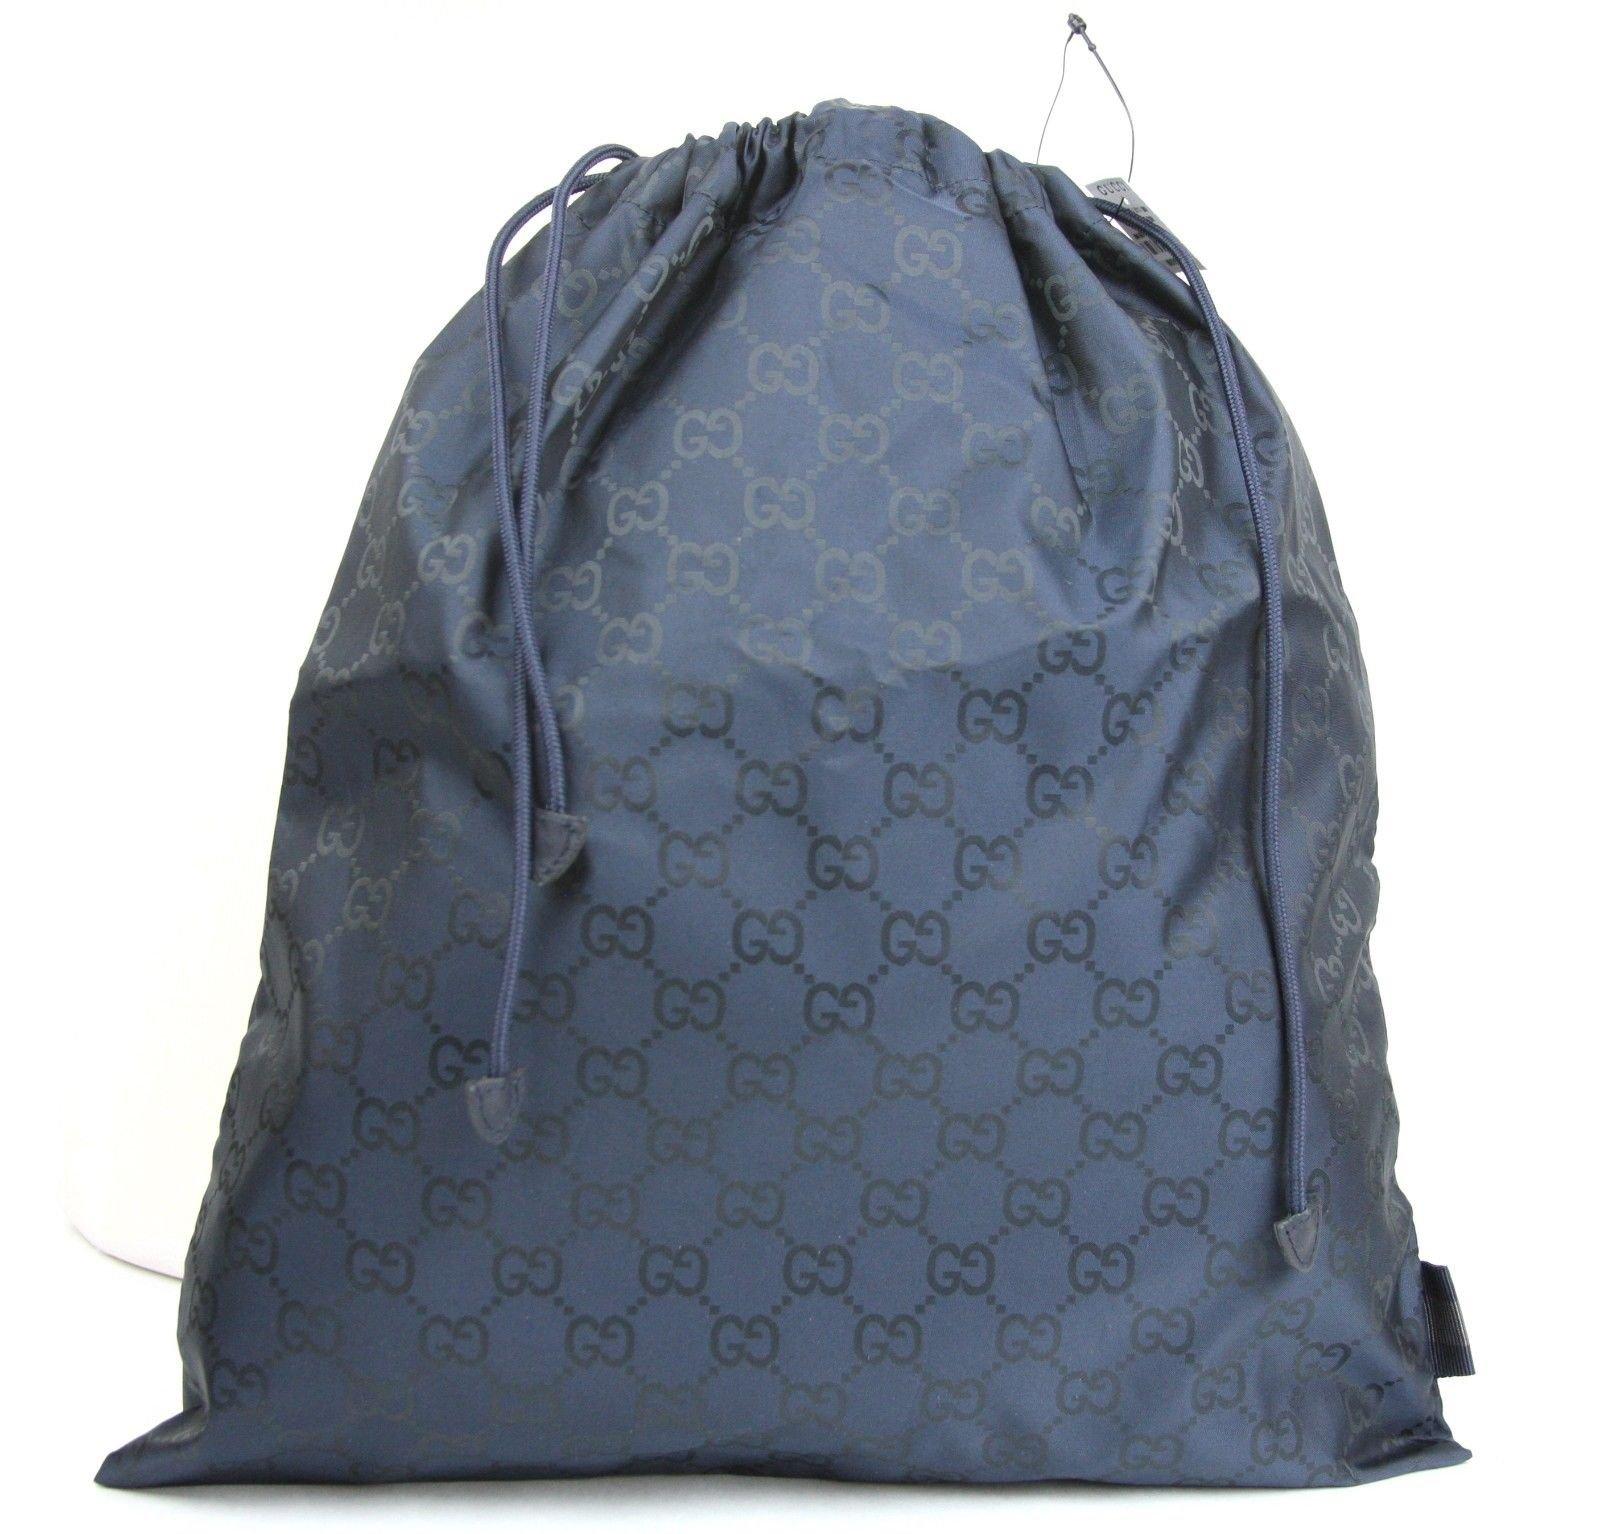 Gucci Blue Nylon Guccissima Viaggio Collection Drawstring Pouch 308941 8492